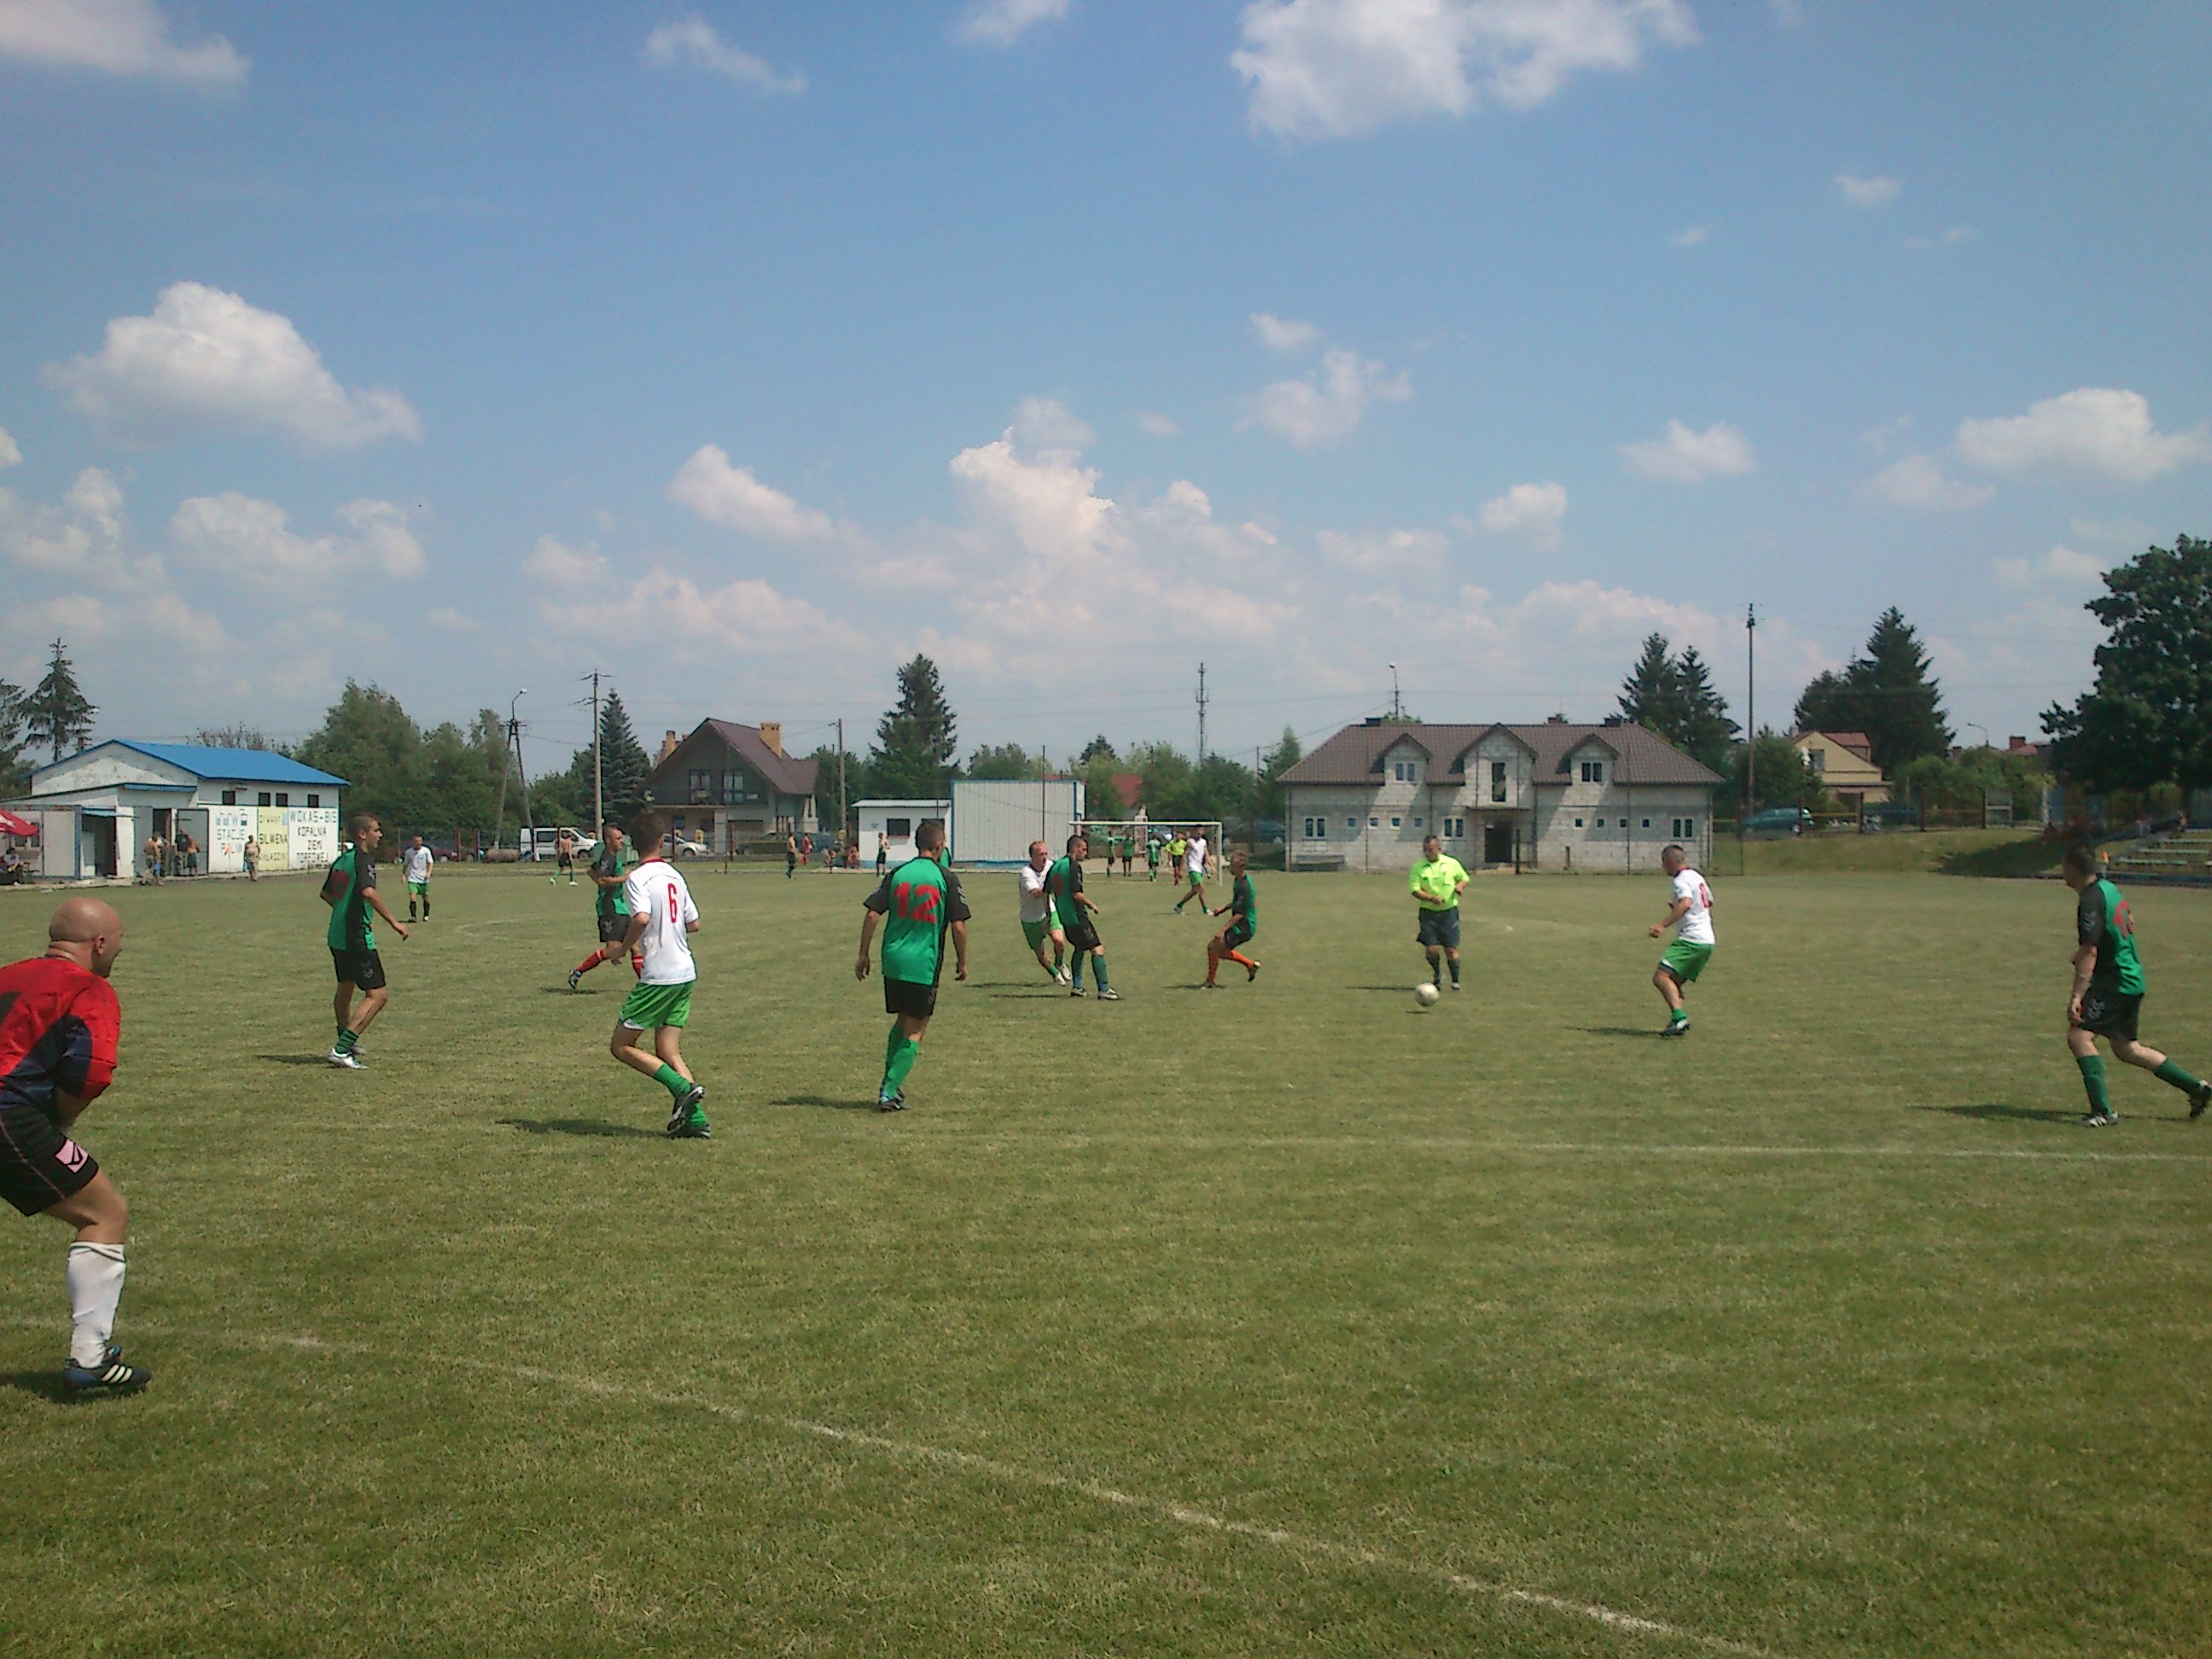 Fotorelacja z Turnieju Piłki Nożnej im. Grzegorza Niedzielskiego